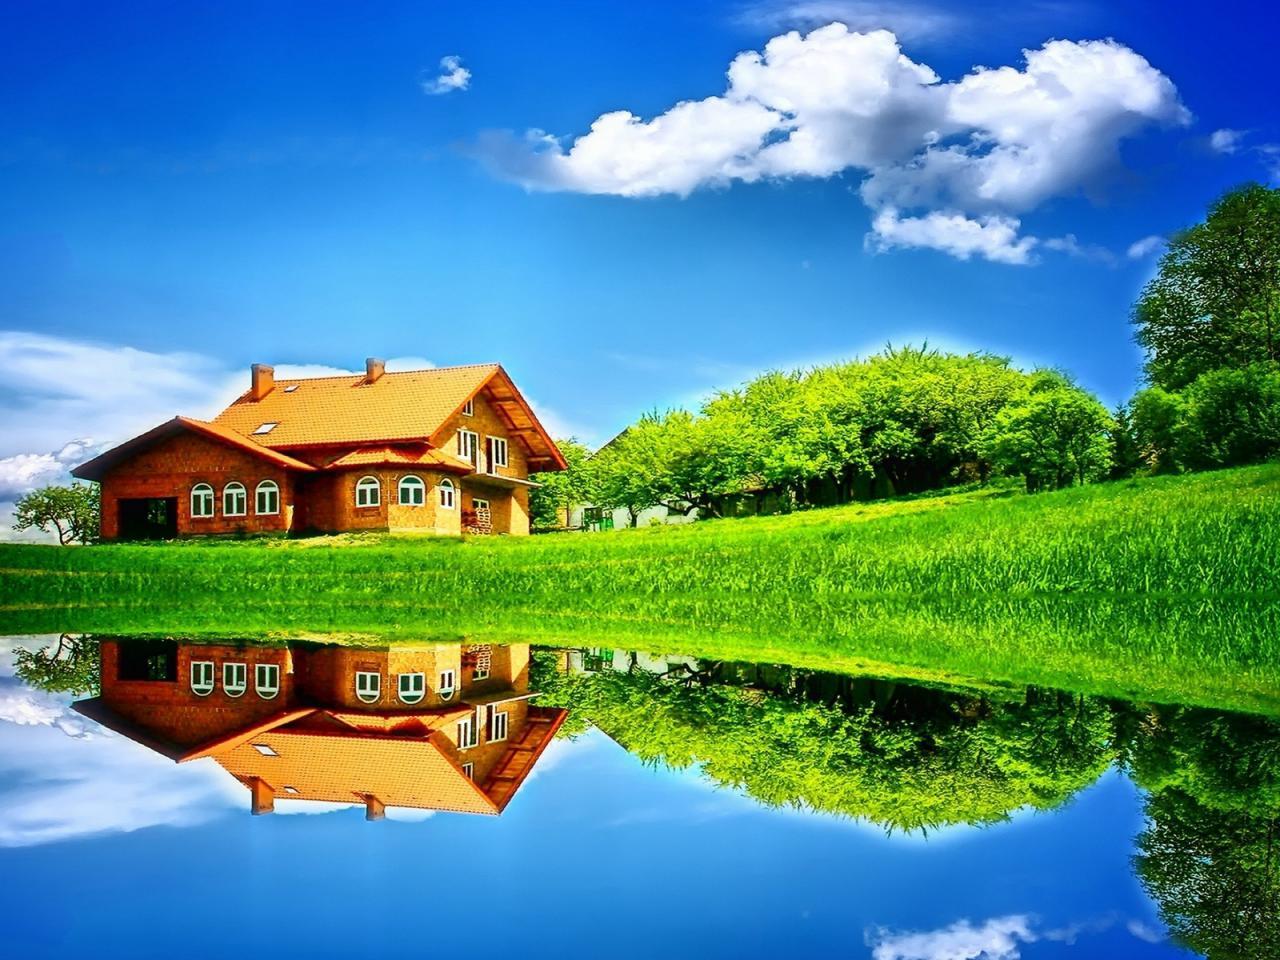 صورة صور تحفة طبيعية ايه الجمال ده، اجمل الصور الطبيعية في العالم 5901 4